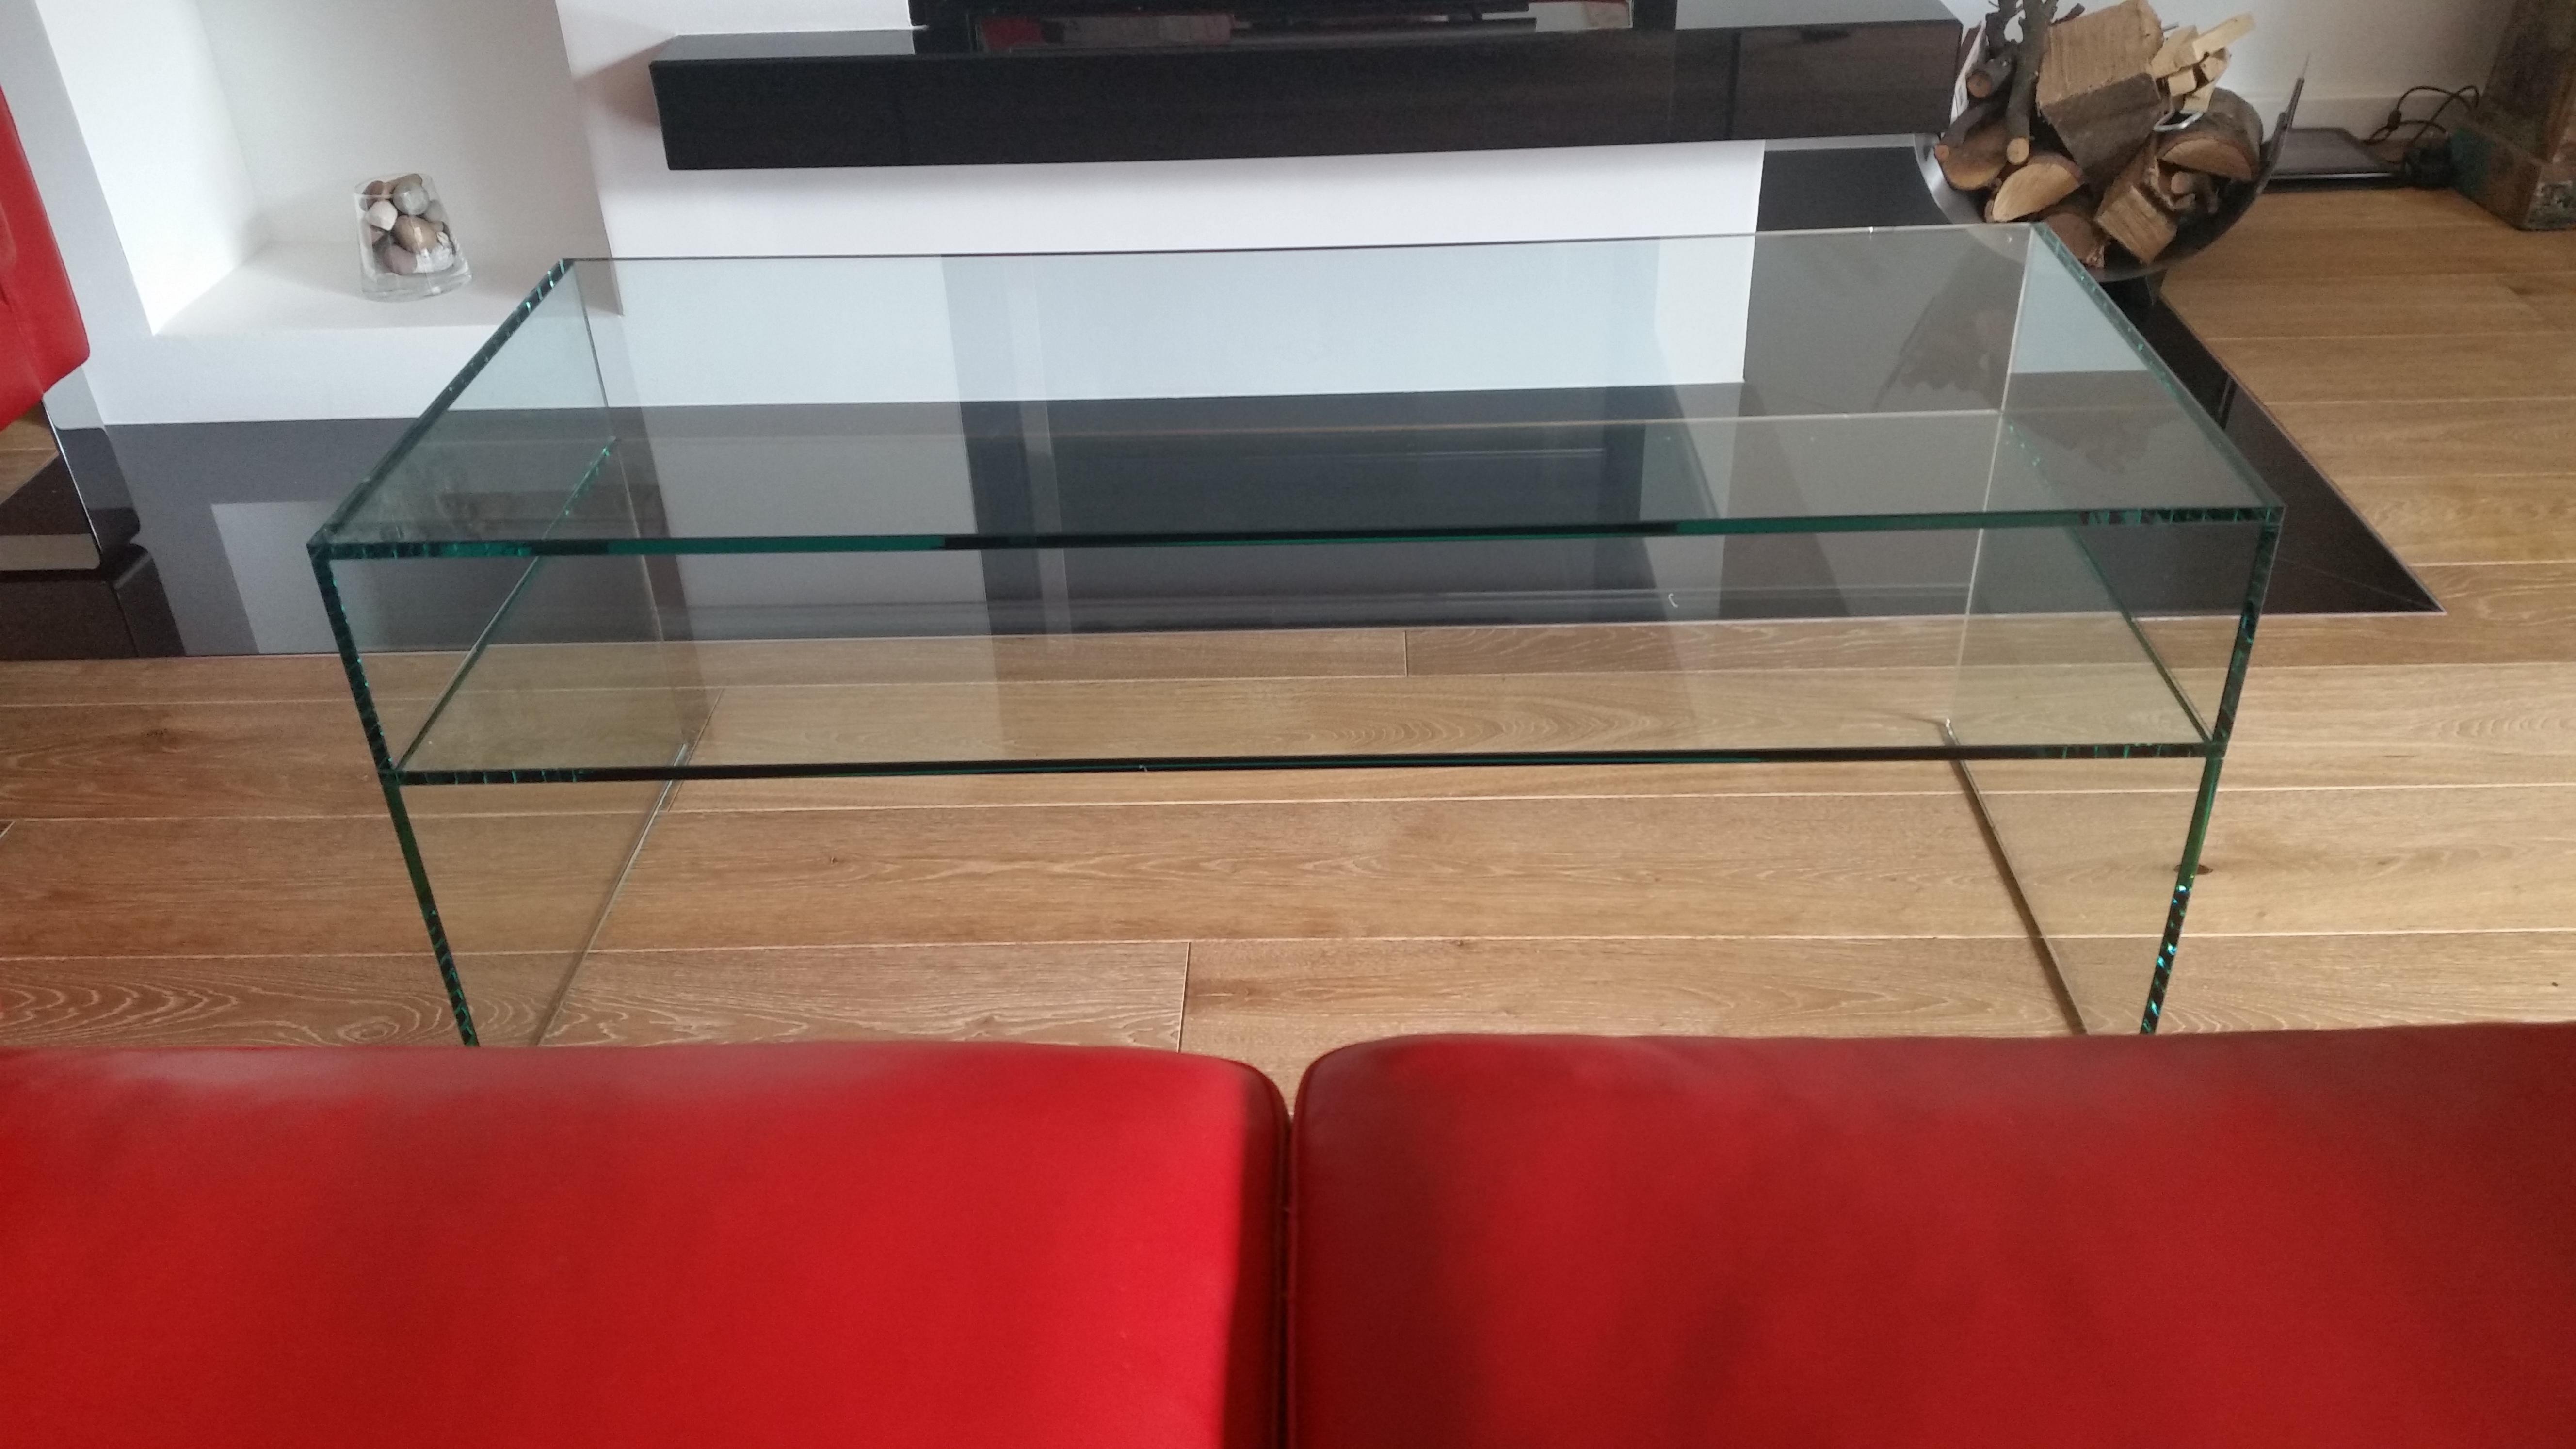 glastisch couchtisch basic paul snajdar glasm bel. Black Bedroom Furniture Sets. Home Design Ideas